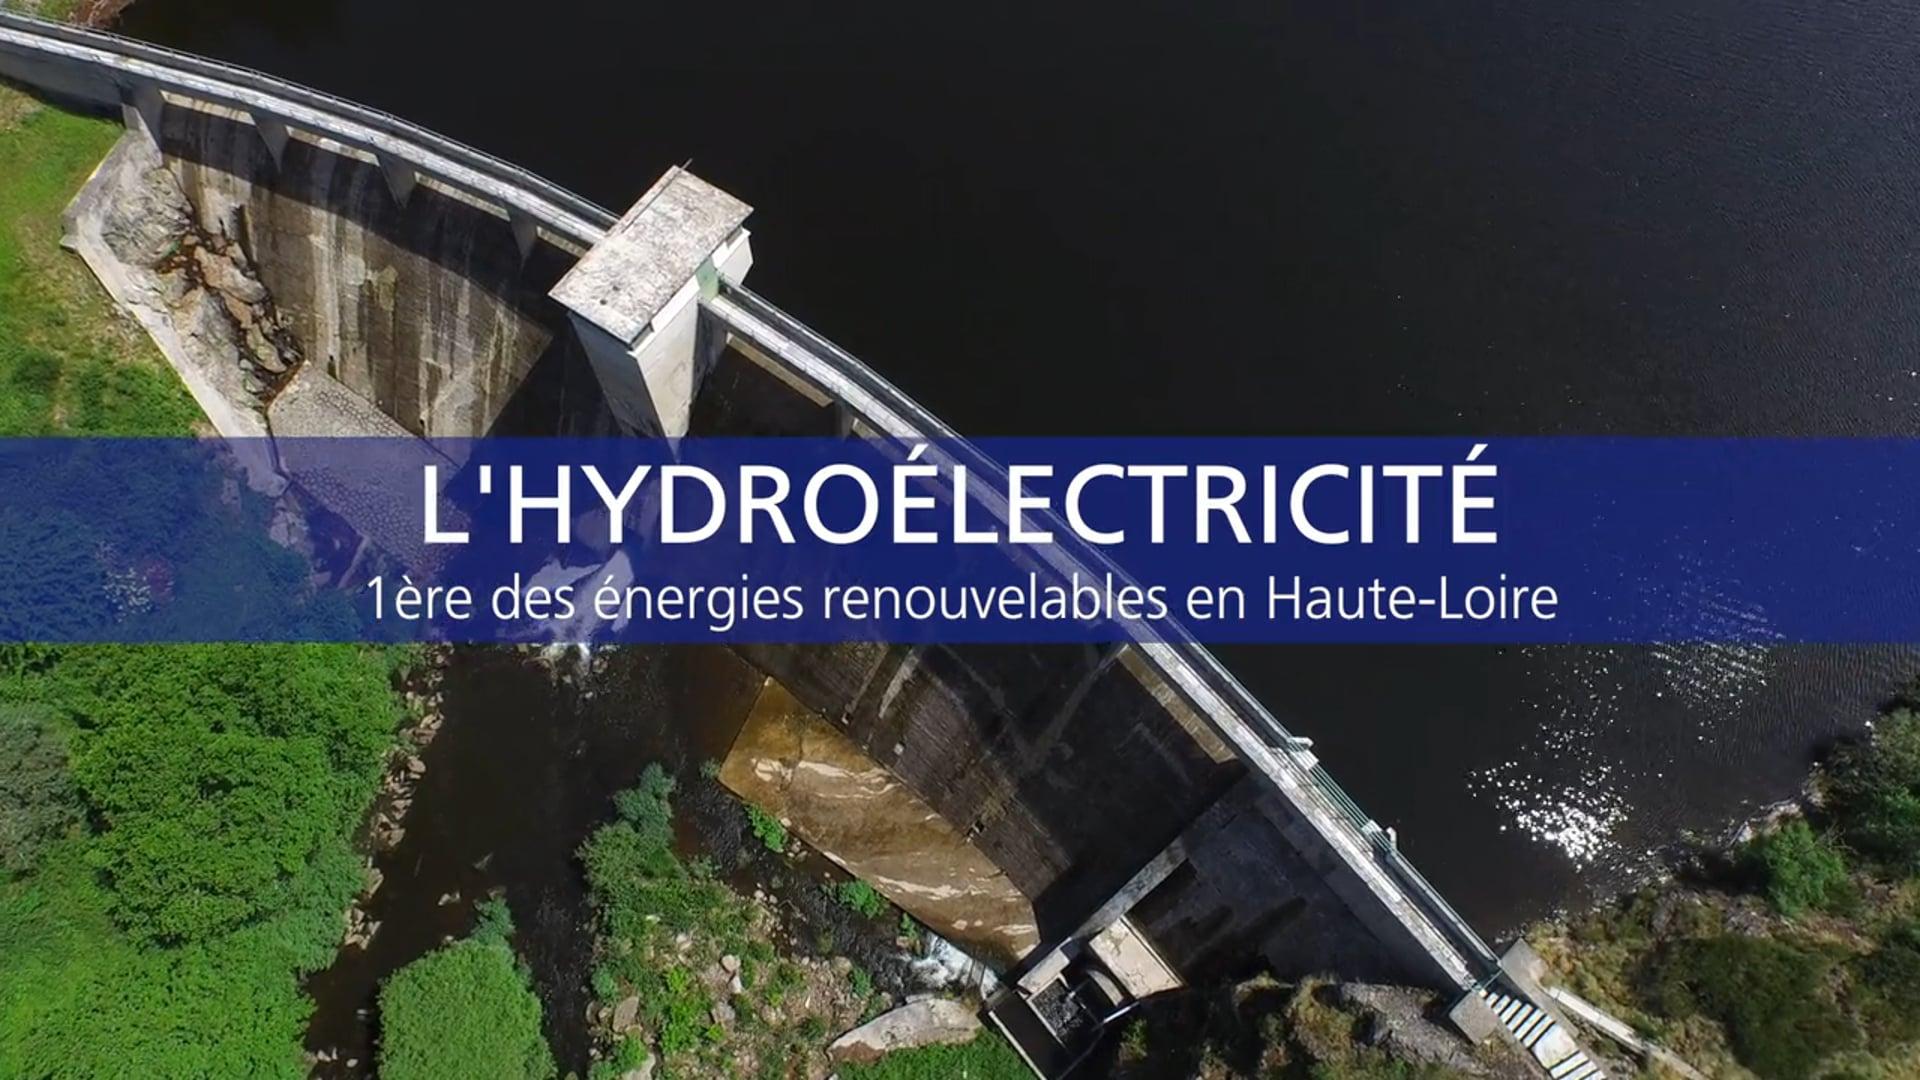 FILM EDF - L'HYDROÉLECTRICITÉ EN HAUTE-LOIRE  - AOUT 2015